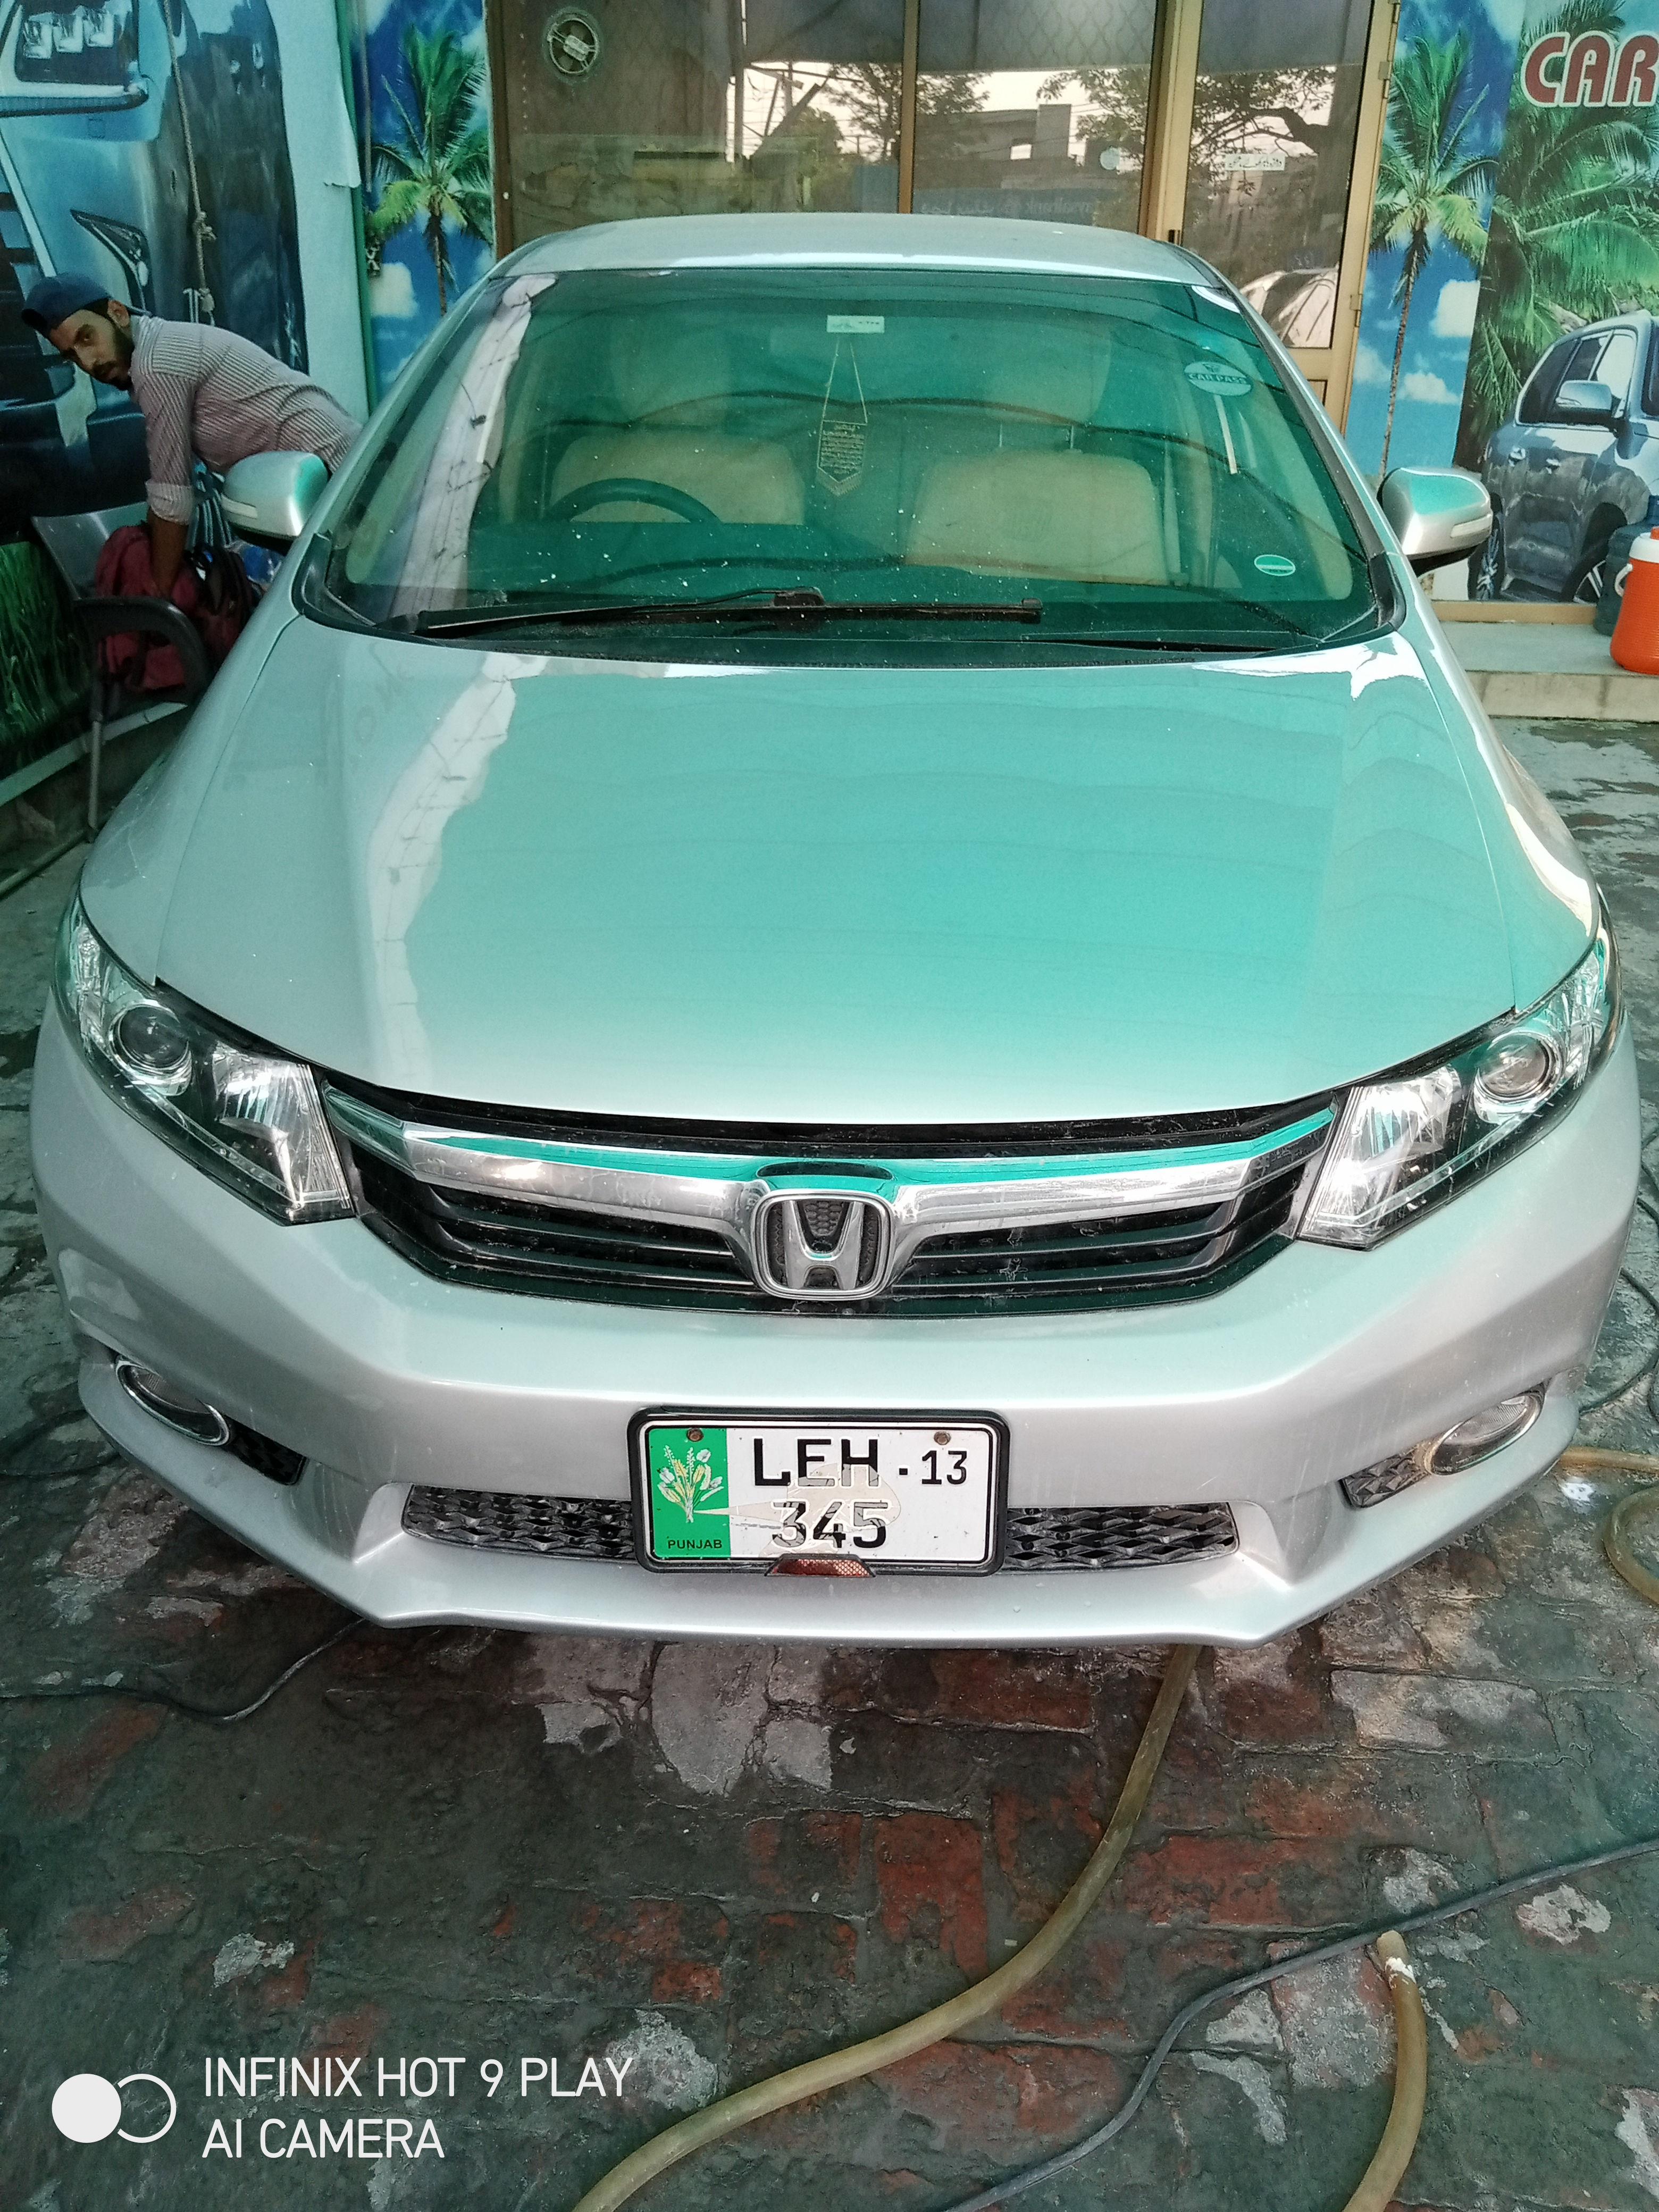 Honda Civic VTi 1.8 i-VTEC 2012